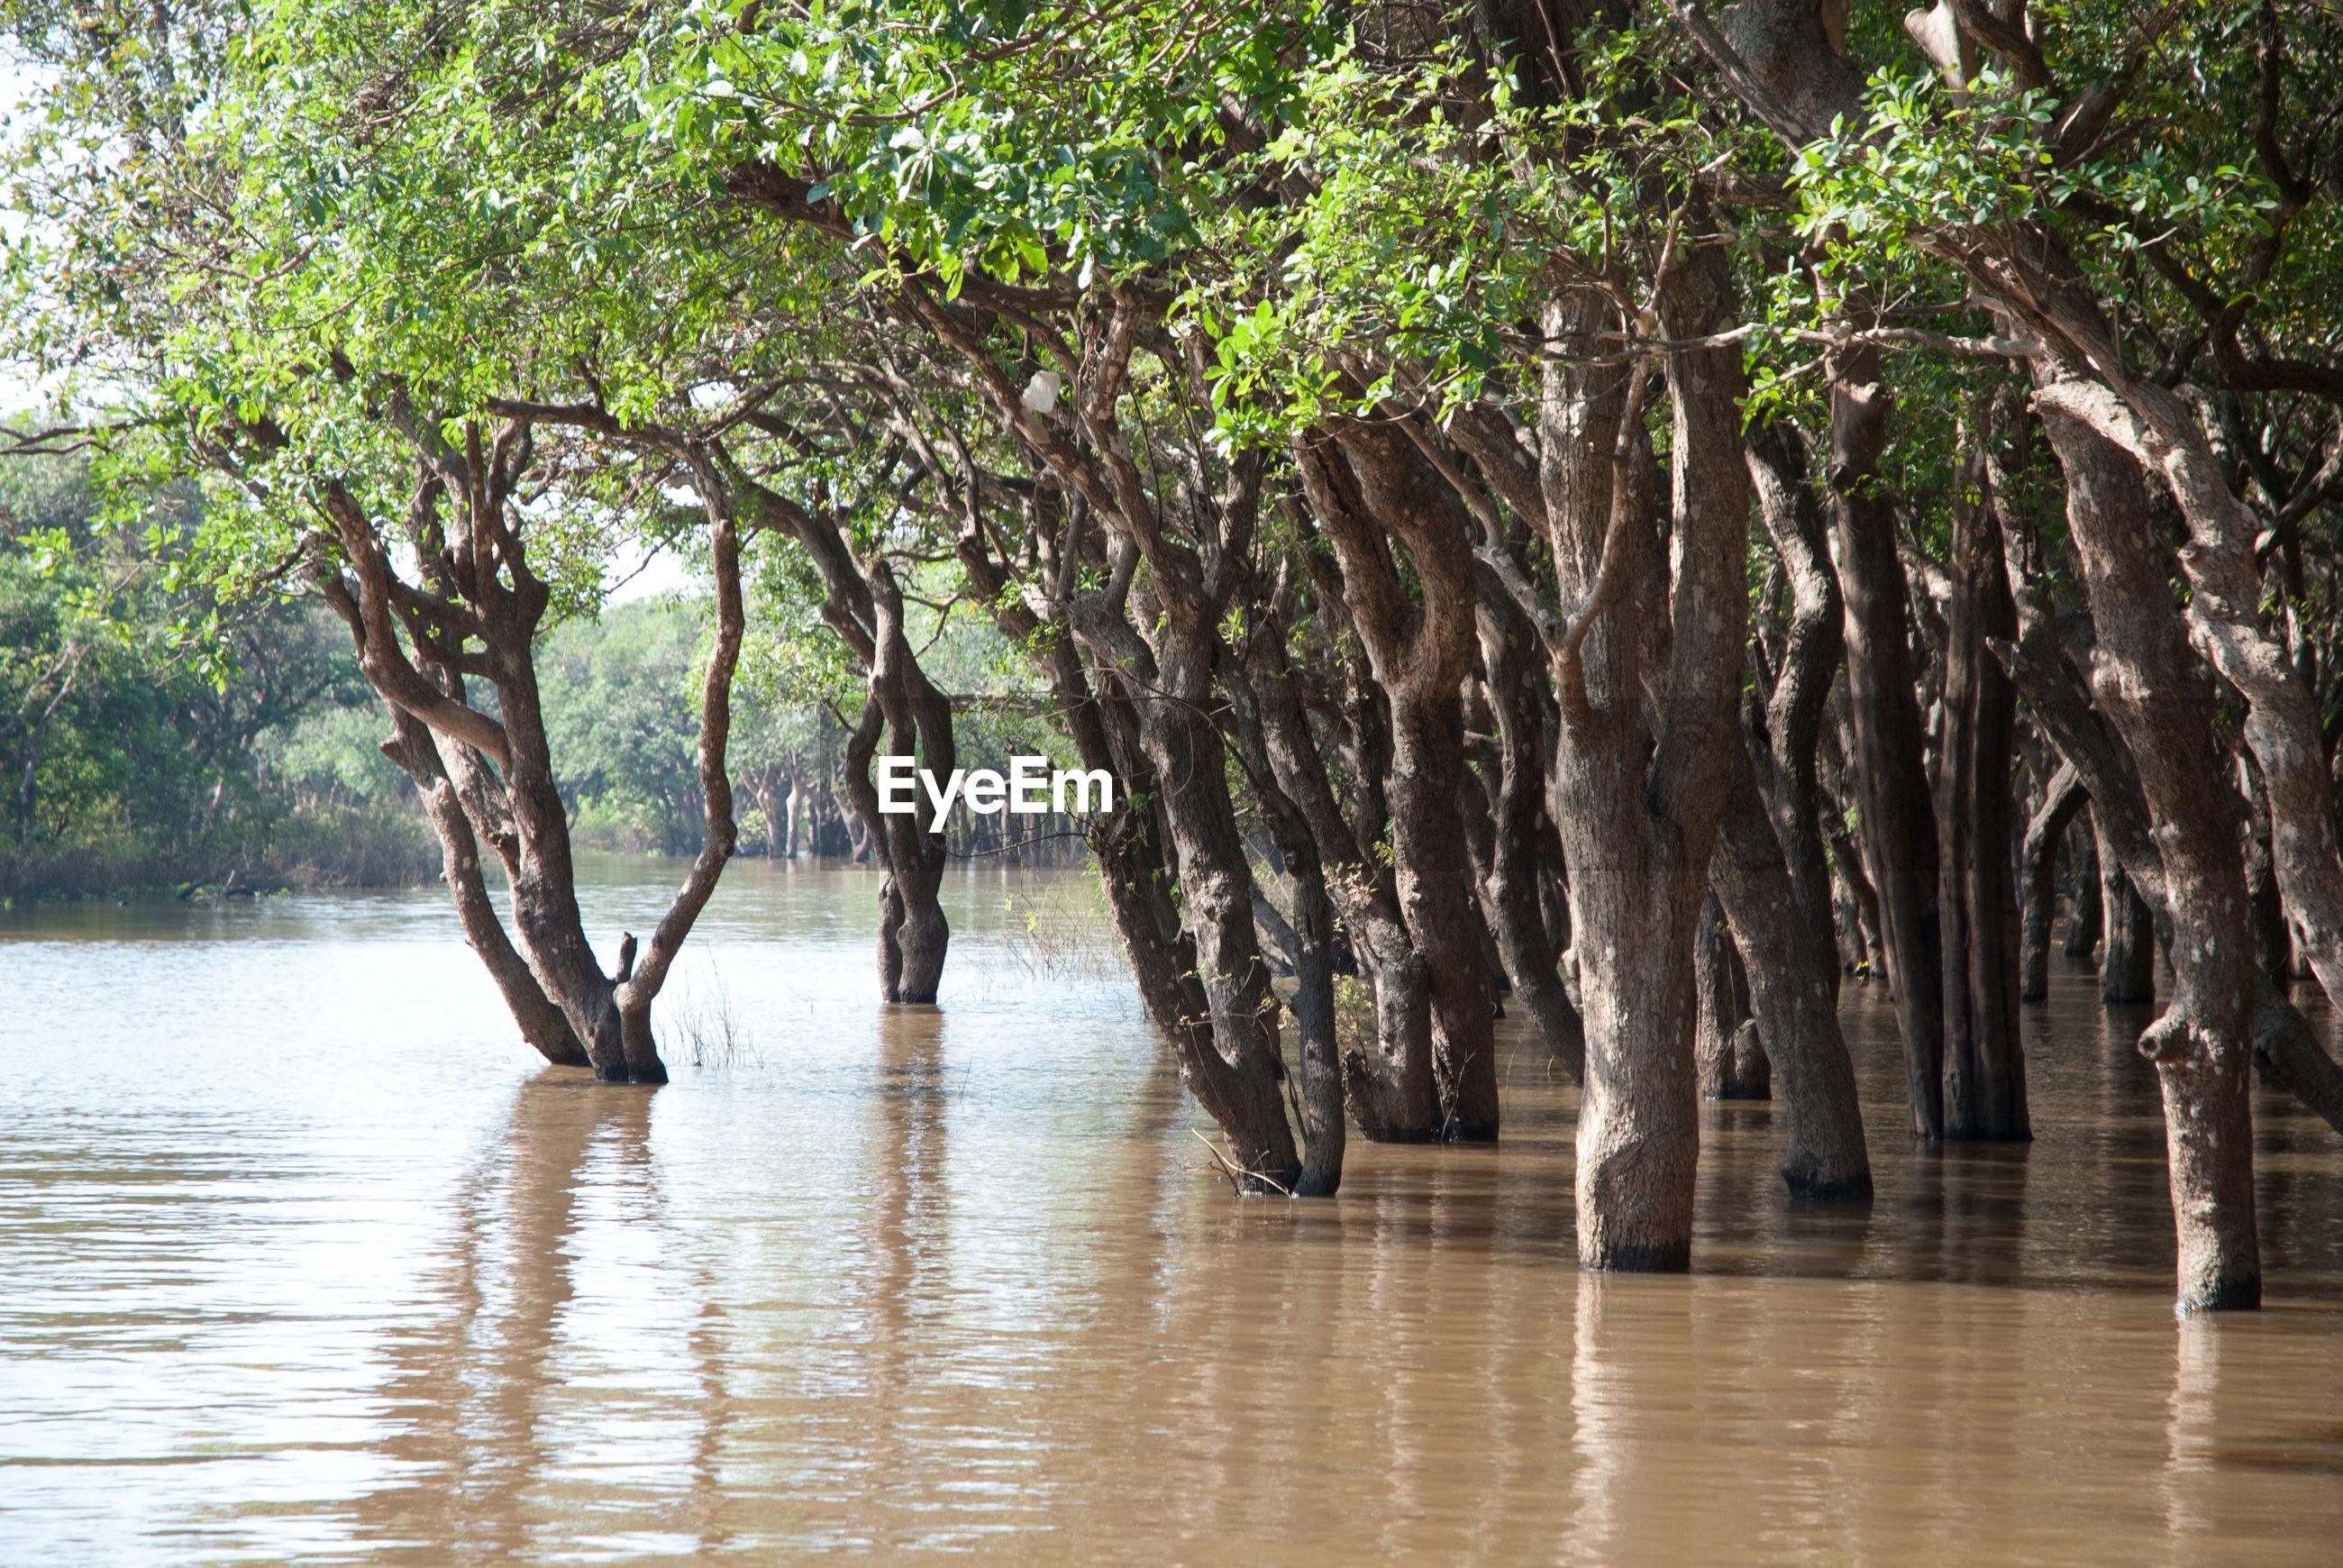 TREES ON SEA